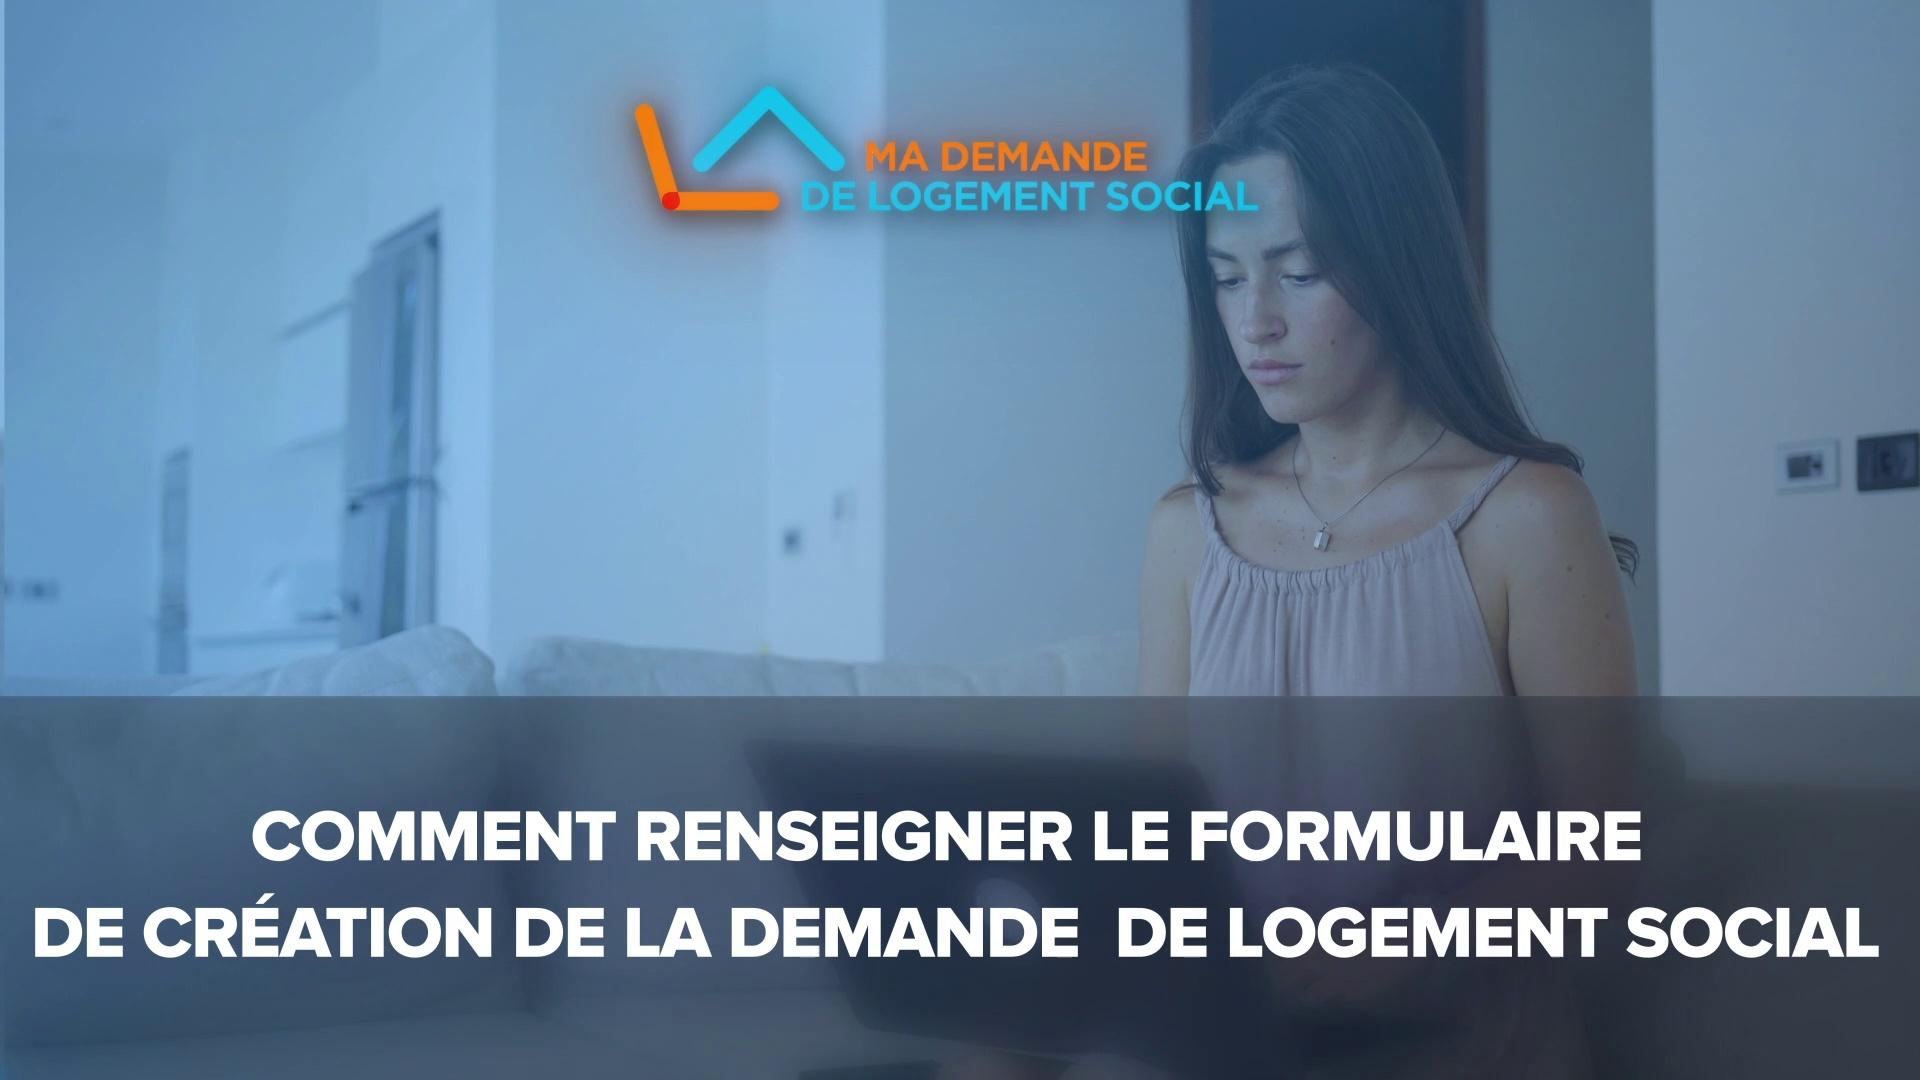 Dailymotion Video: 3- Créer une demande de logement social sur www.demande-logement-social.gouv.fr